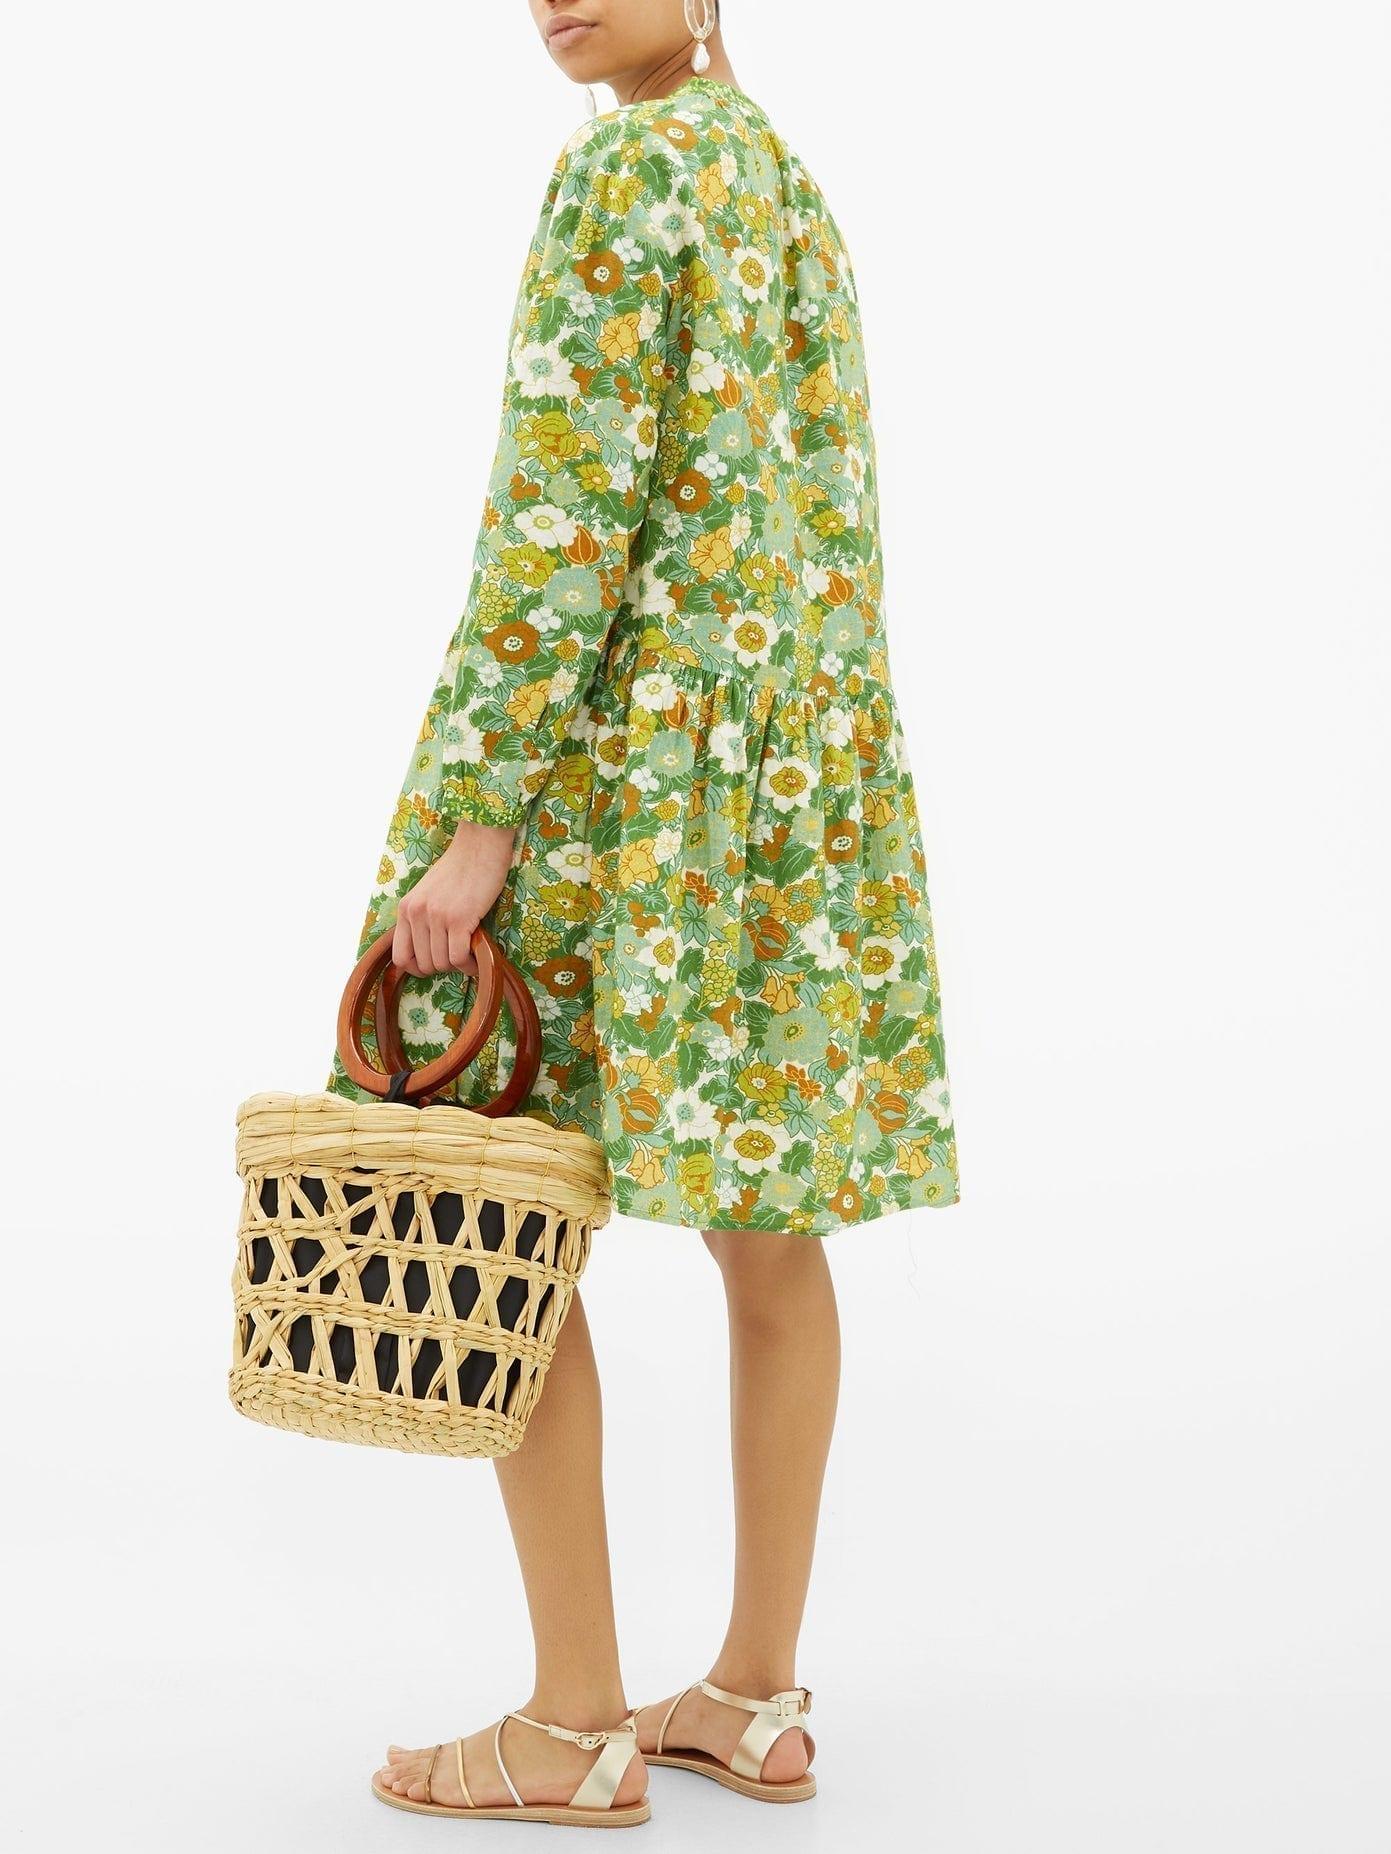 D'ASCOLI Lulu Tie-neck Floral-print Cotton Dress